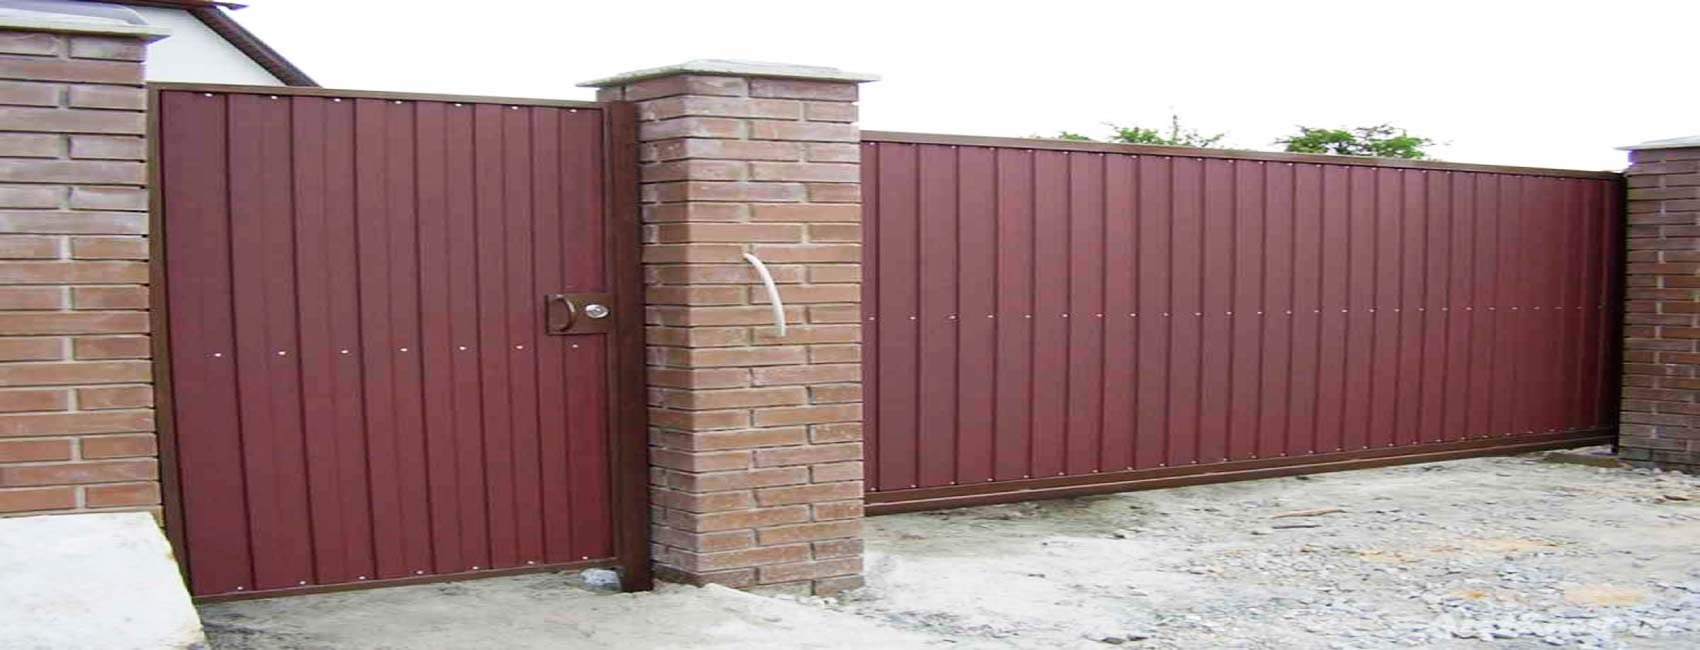 откатные ворота коломна